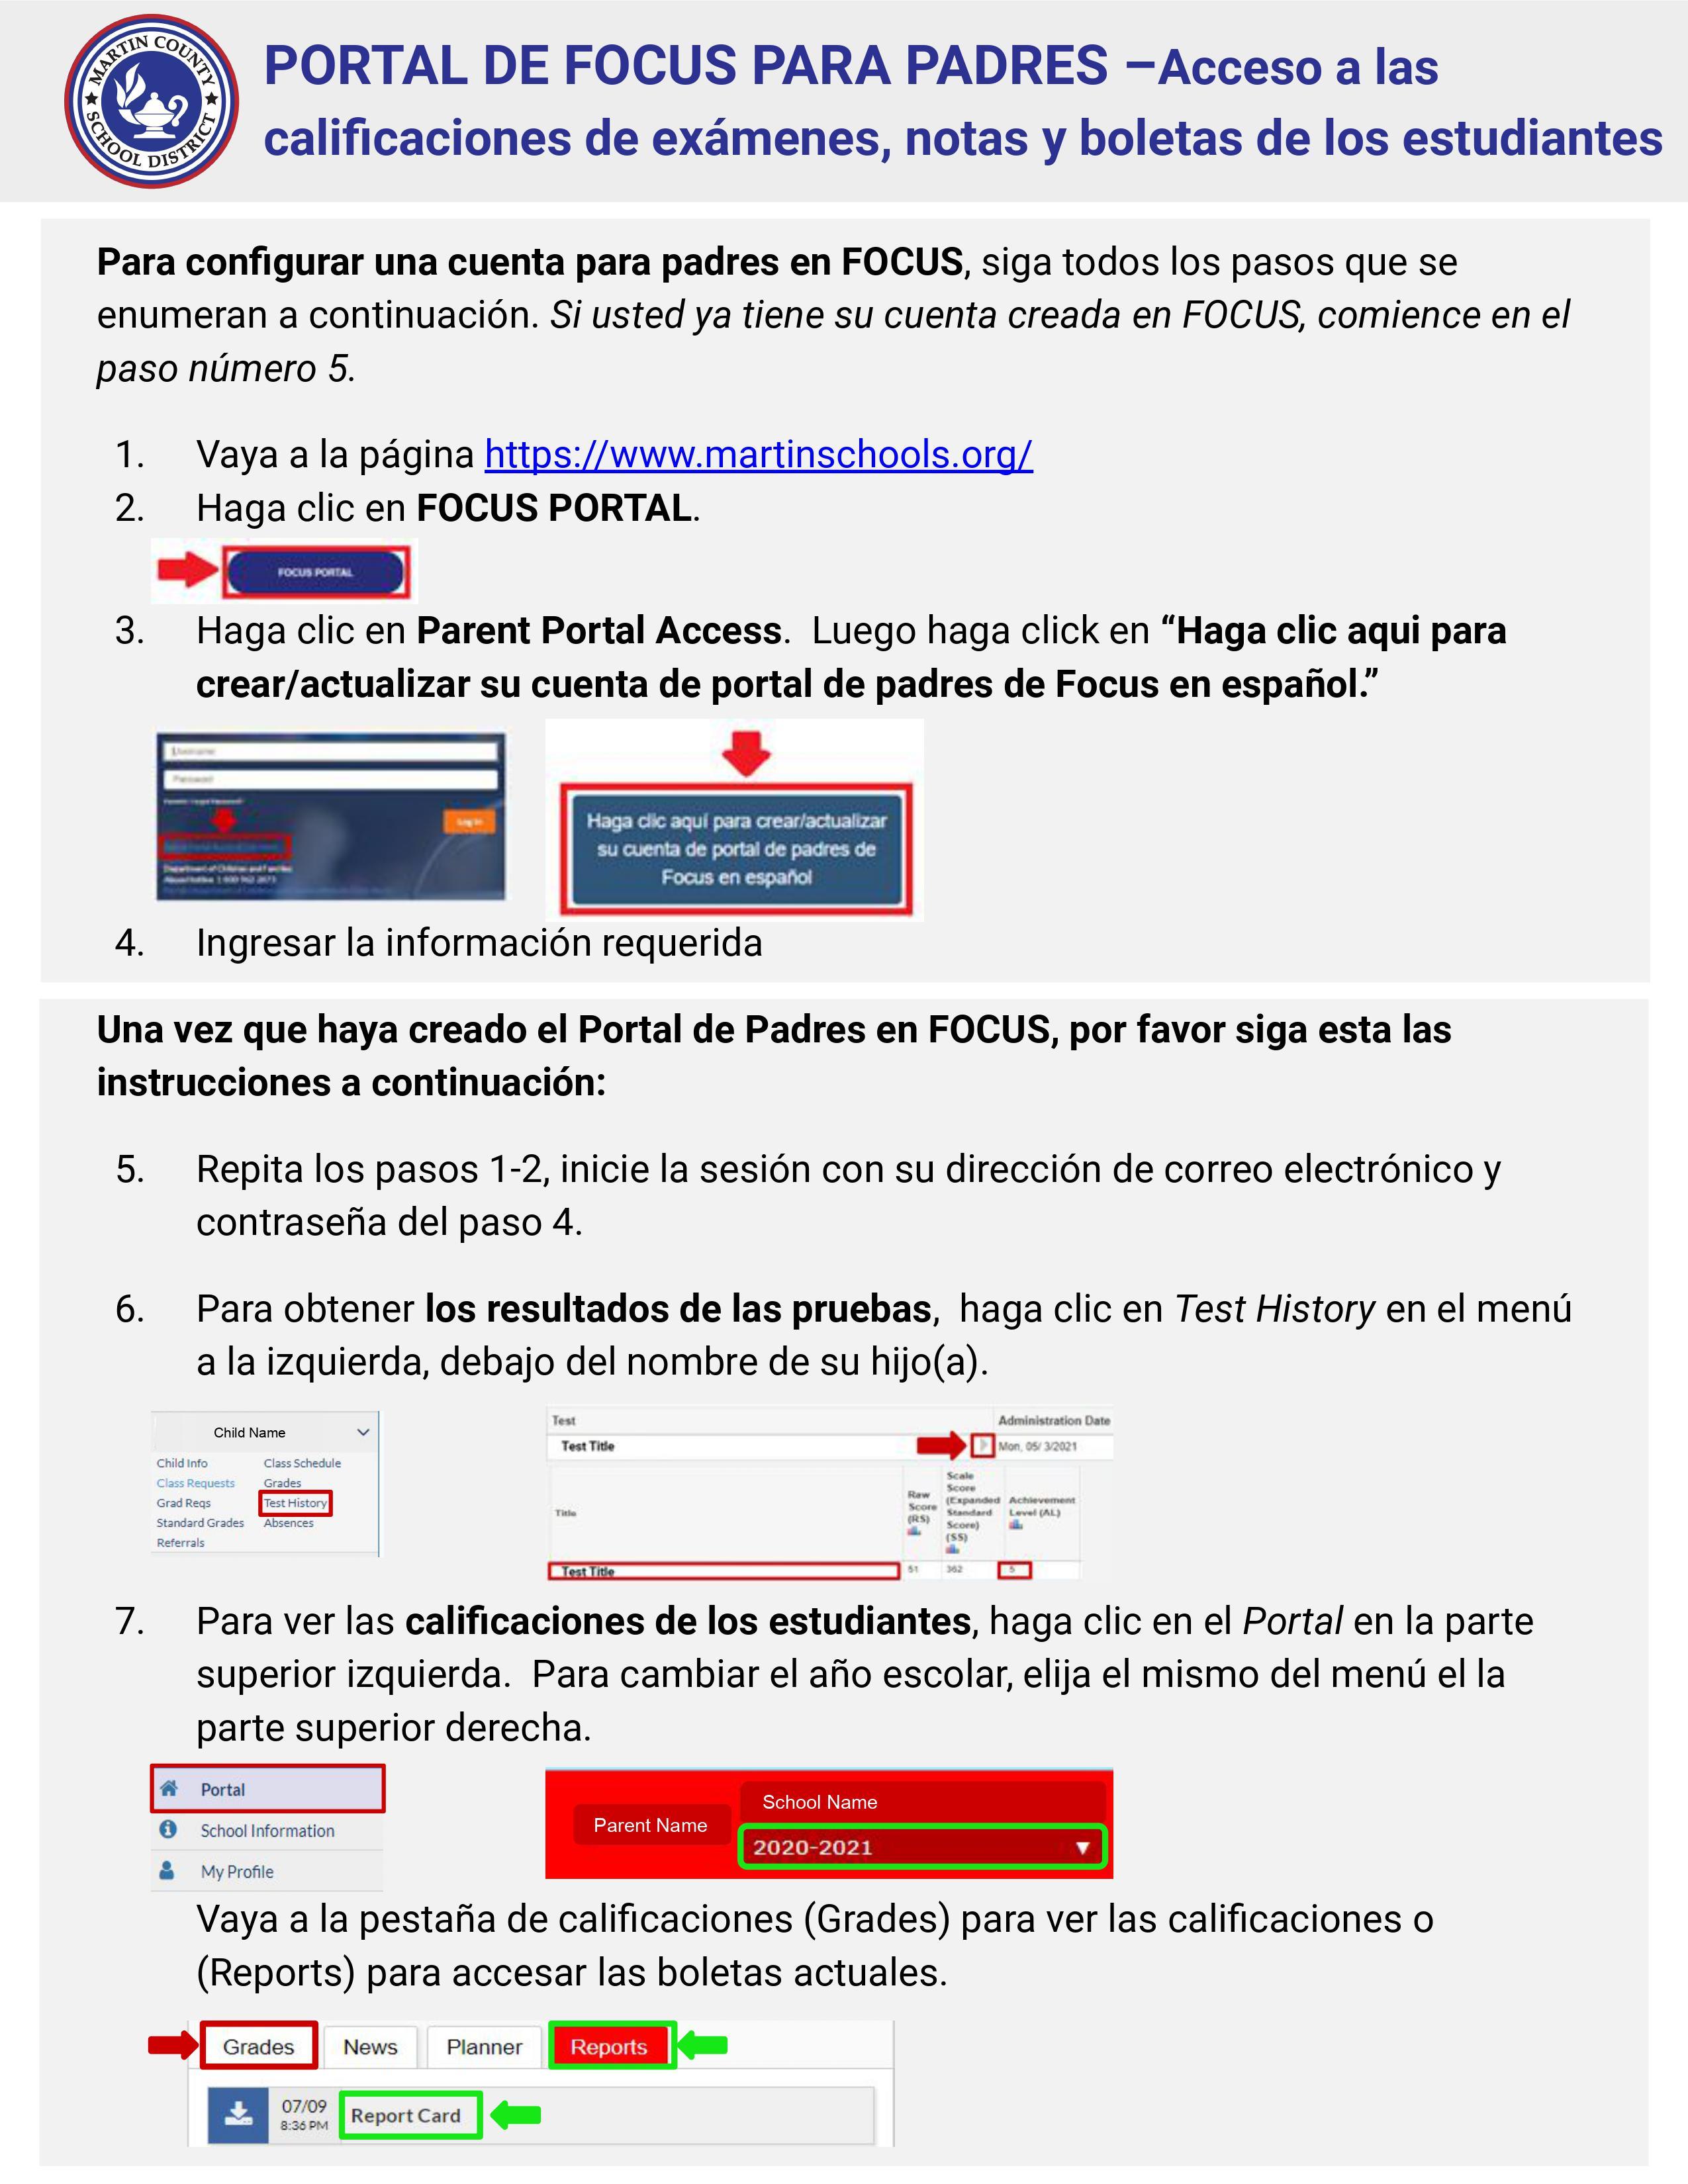 FOCUS Instructions - Spanish